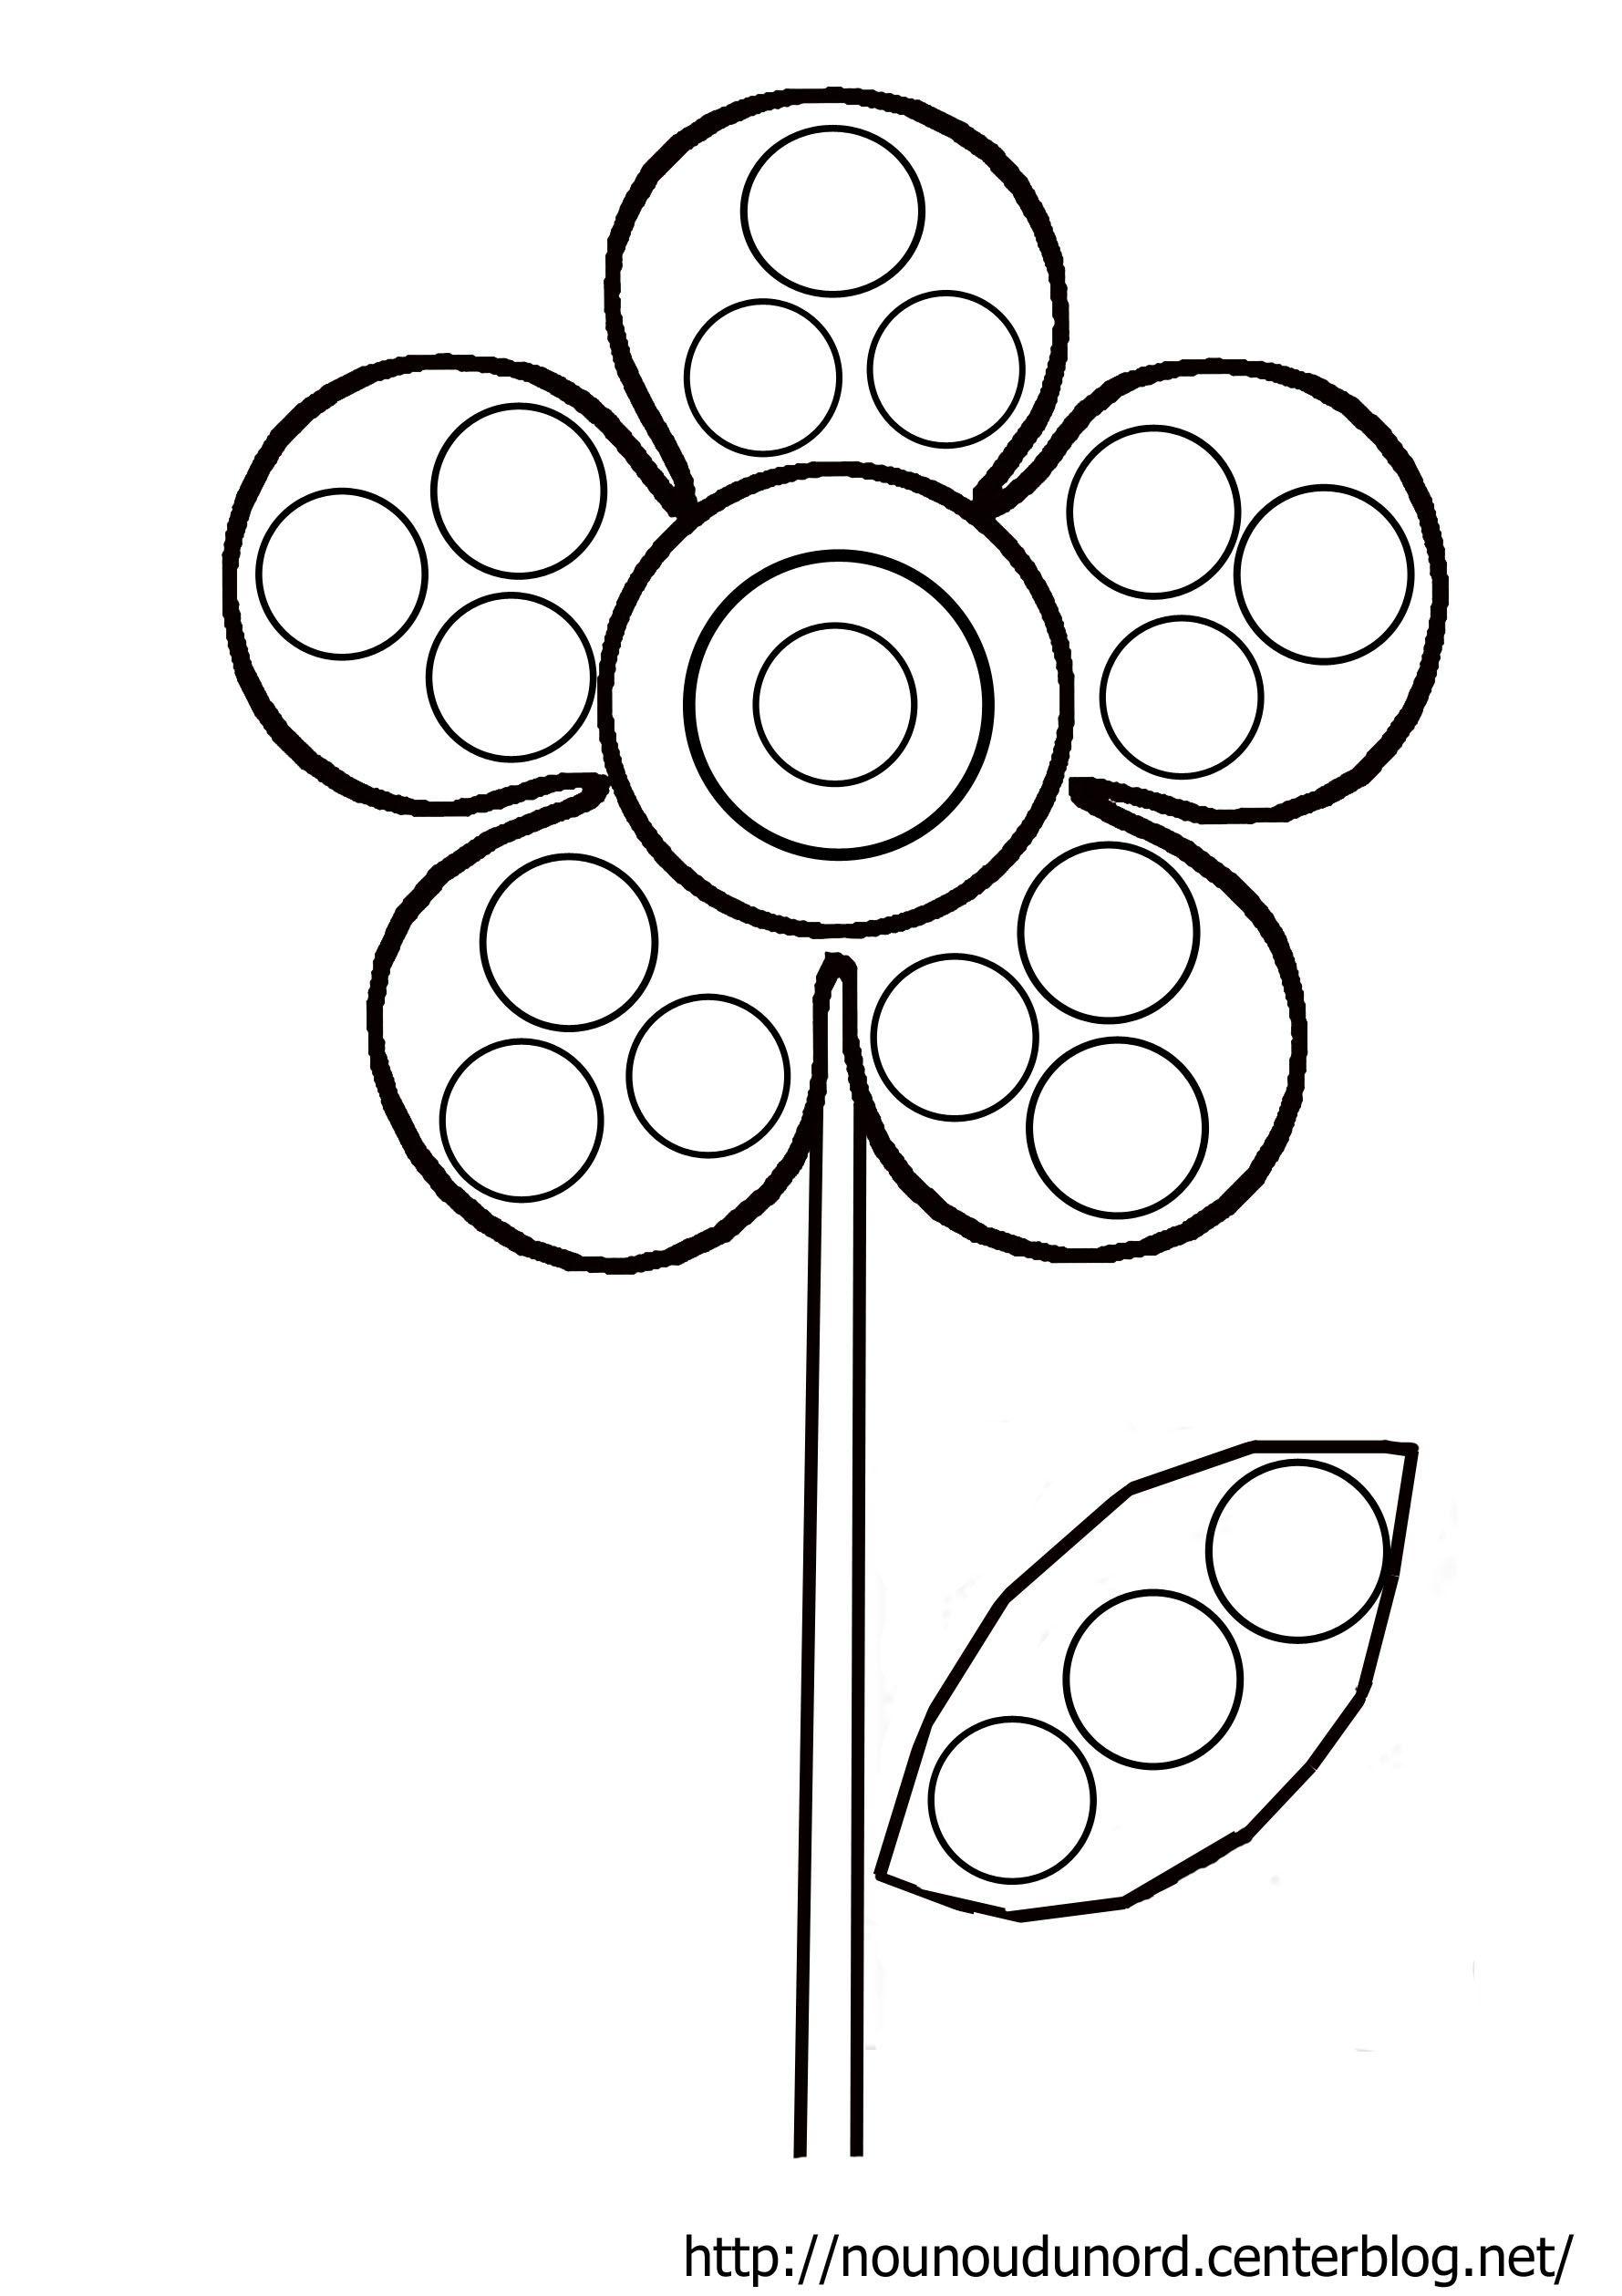 Image du blog activit s enfants pinterest coloriage fleur - Coloriage fleur nounou du nord ...